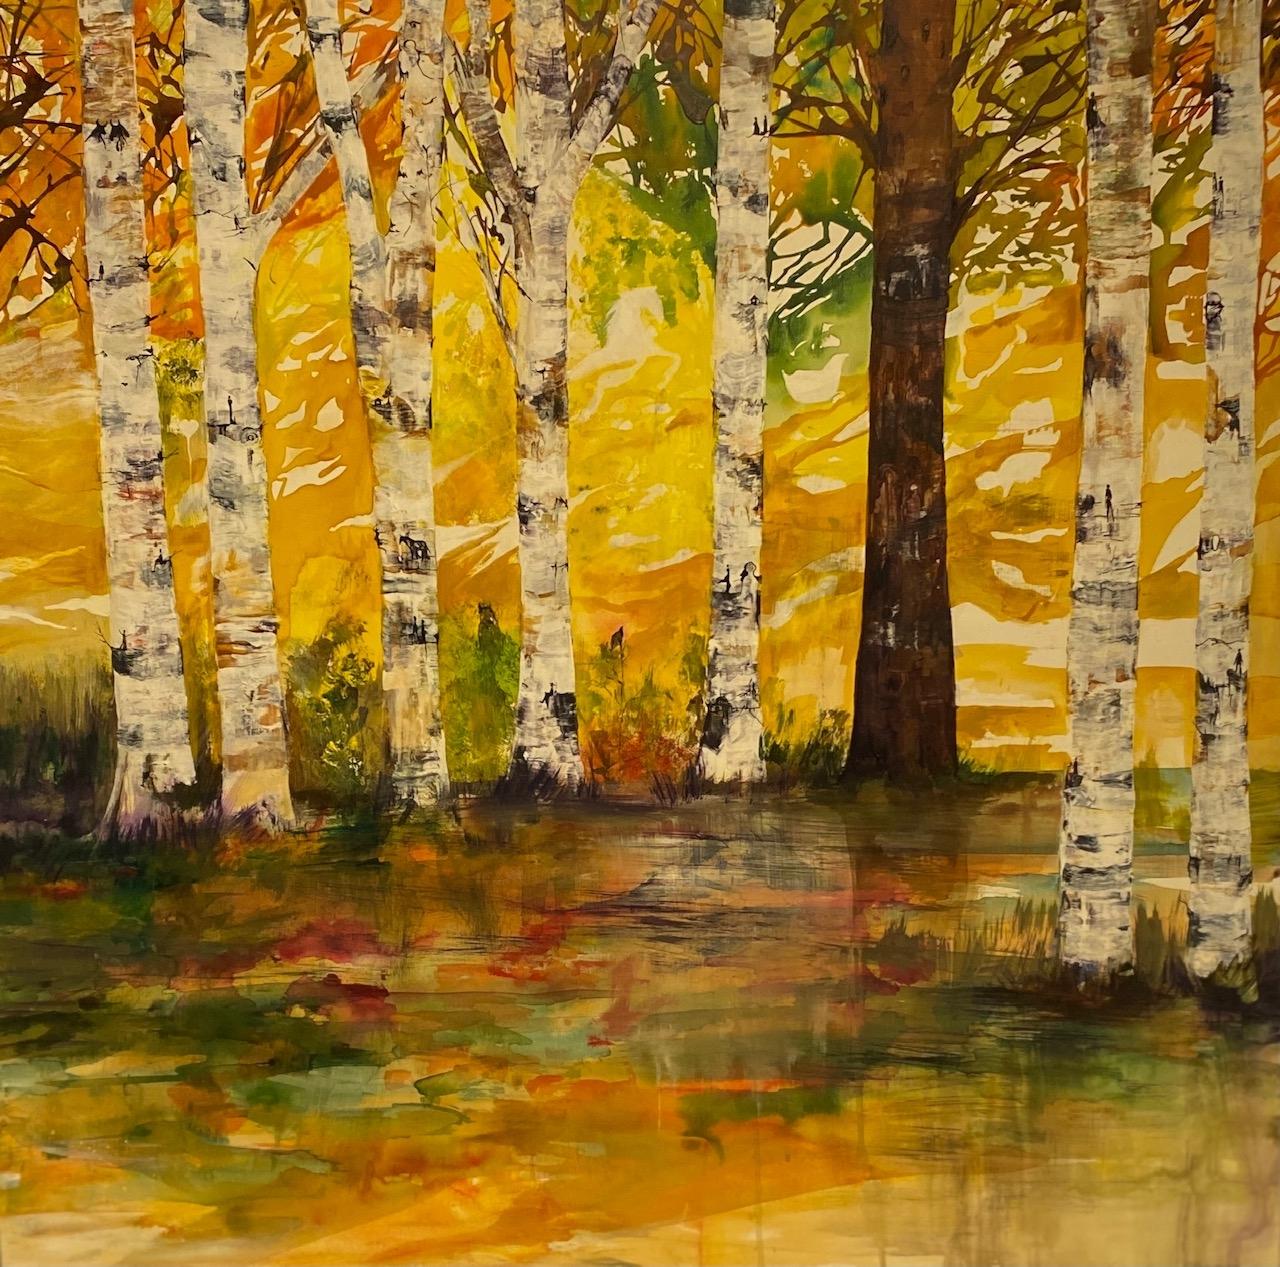 Birkeskov i efterårsfarver | Maleri